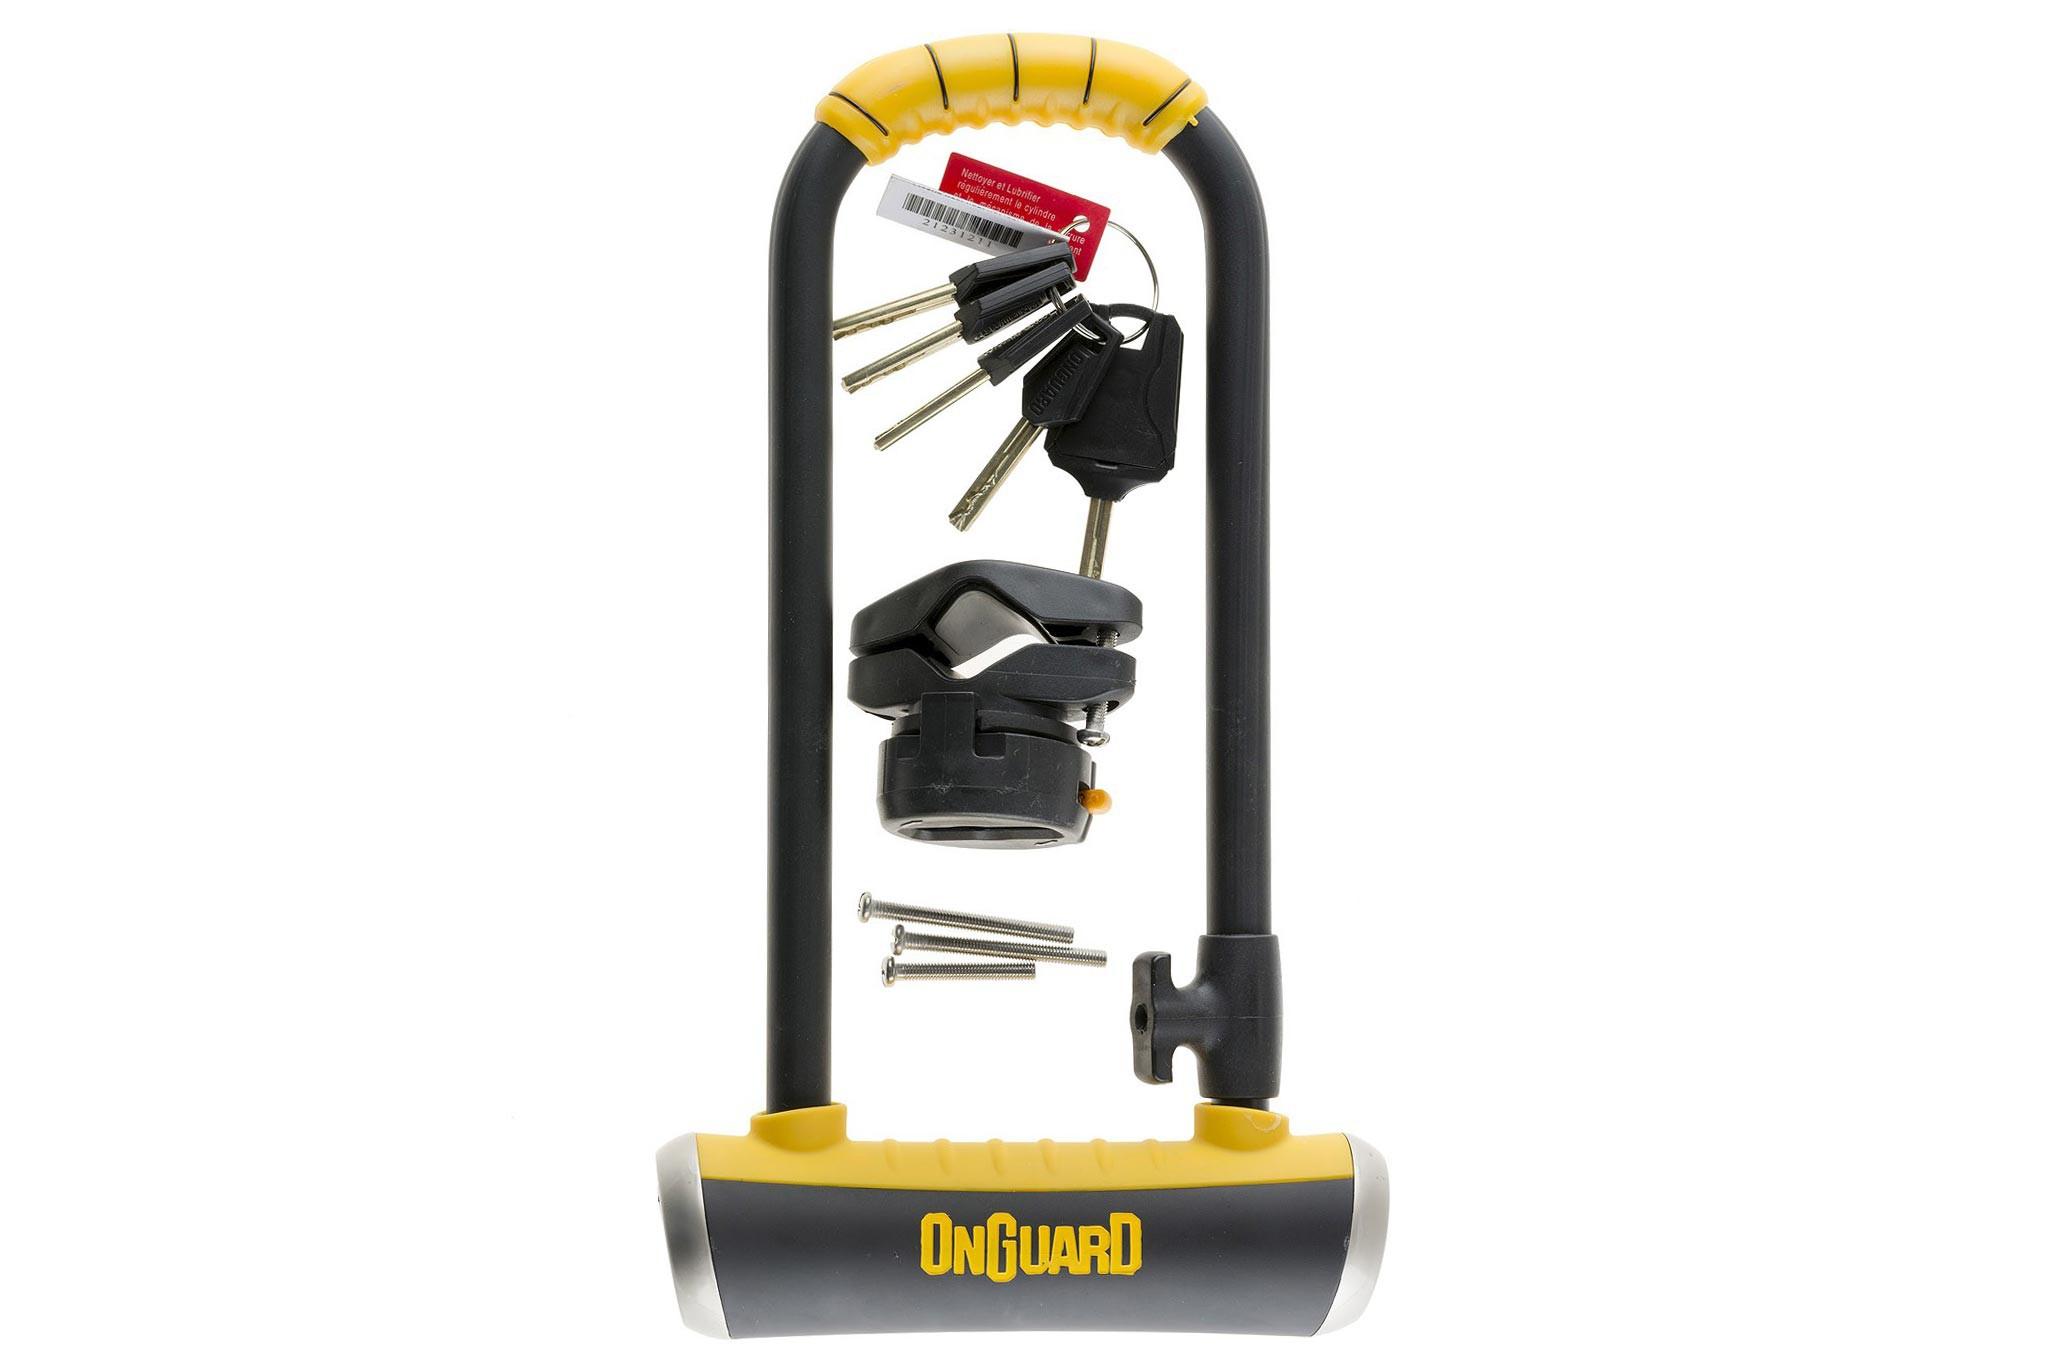 Zamknięcie ONGUARD PitBull Mini LS 8007 U-LOCK - 14mm 90mm 240mm - 5 x Klucze z kodem